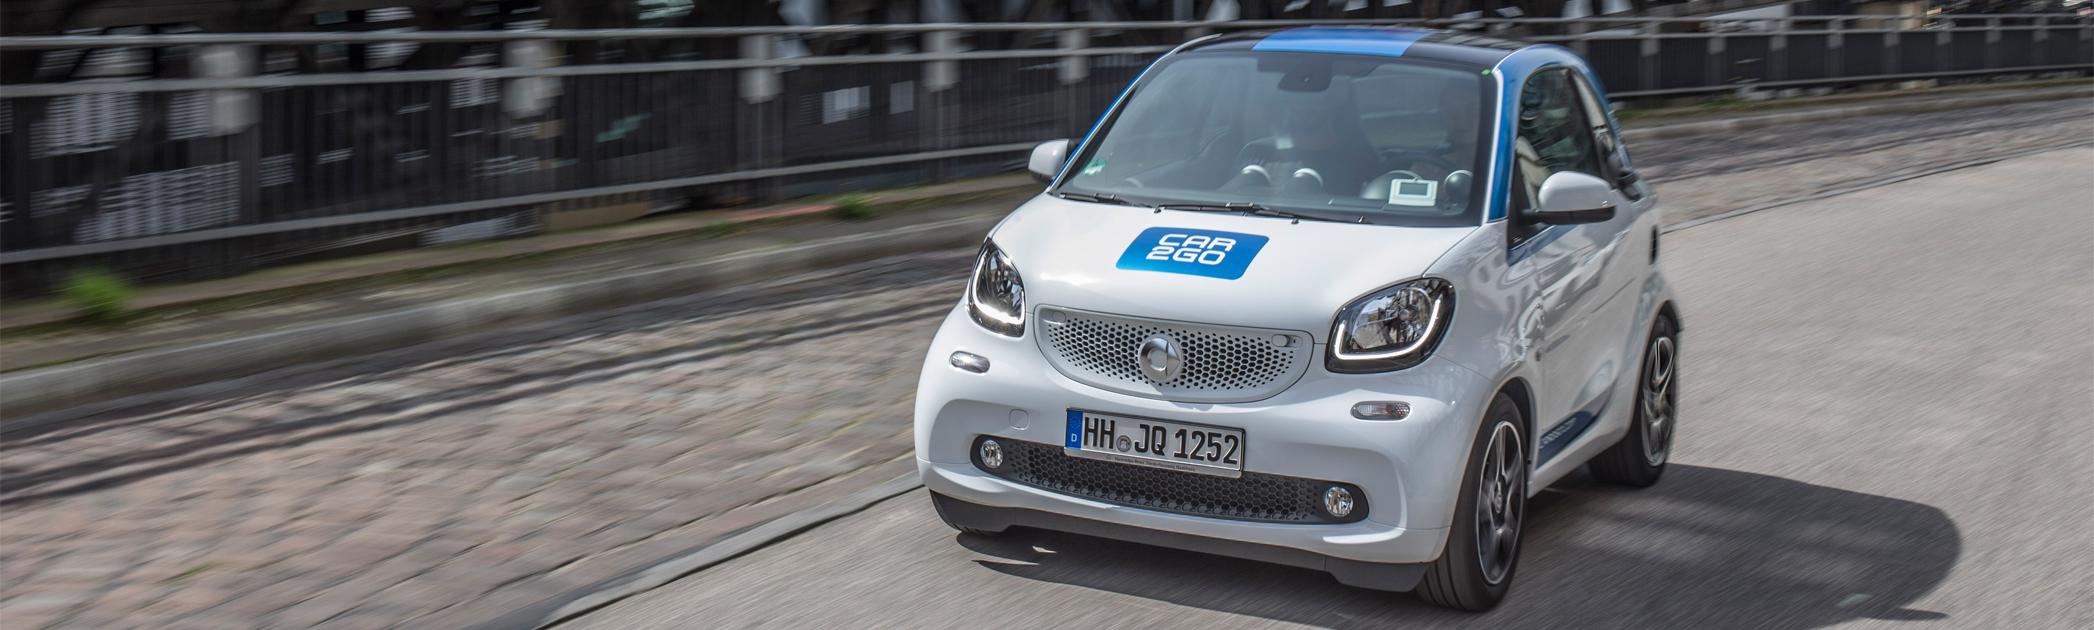 Der neue Smart fortwo von car2go auf der Fahrbahn